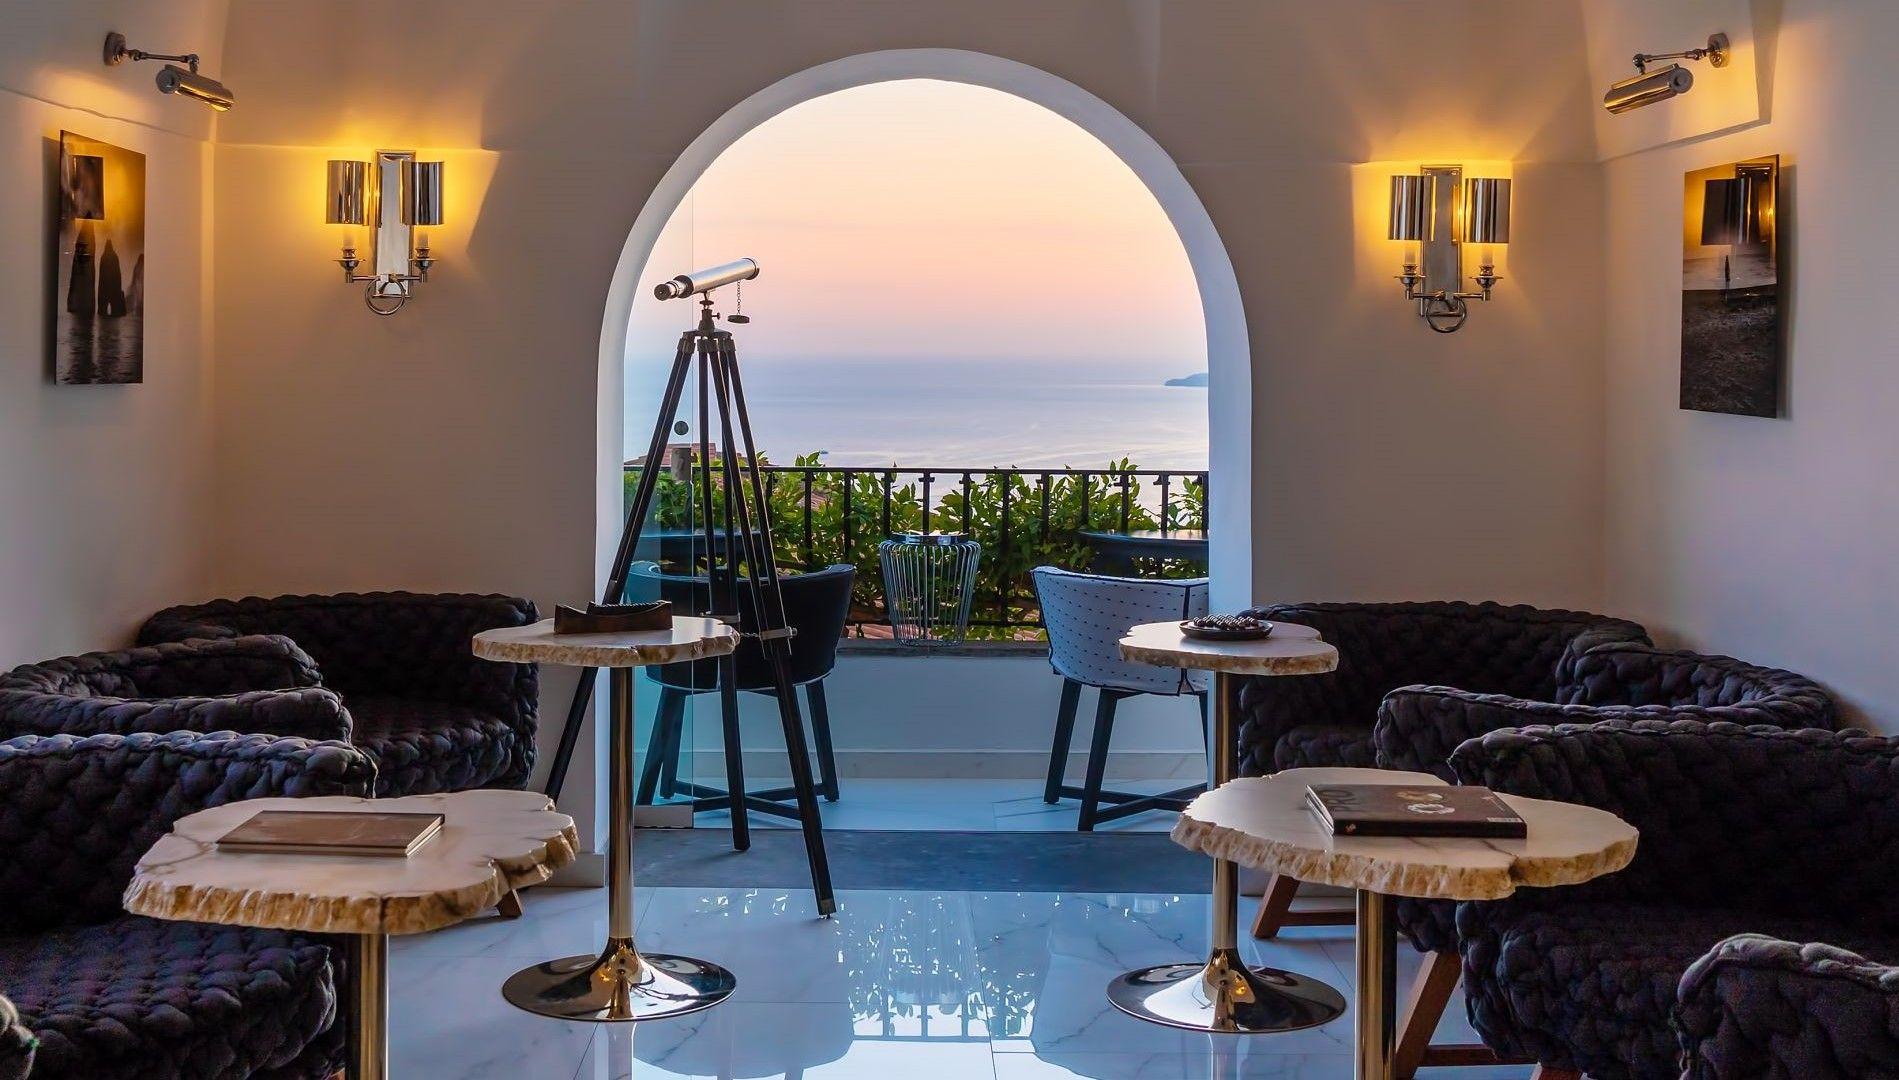 Hotel Villa Franca - Positano - image 8